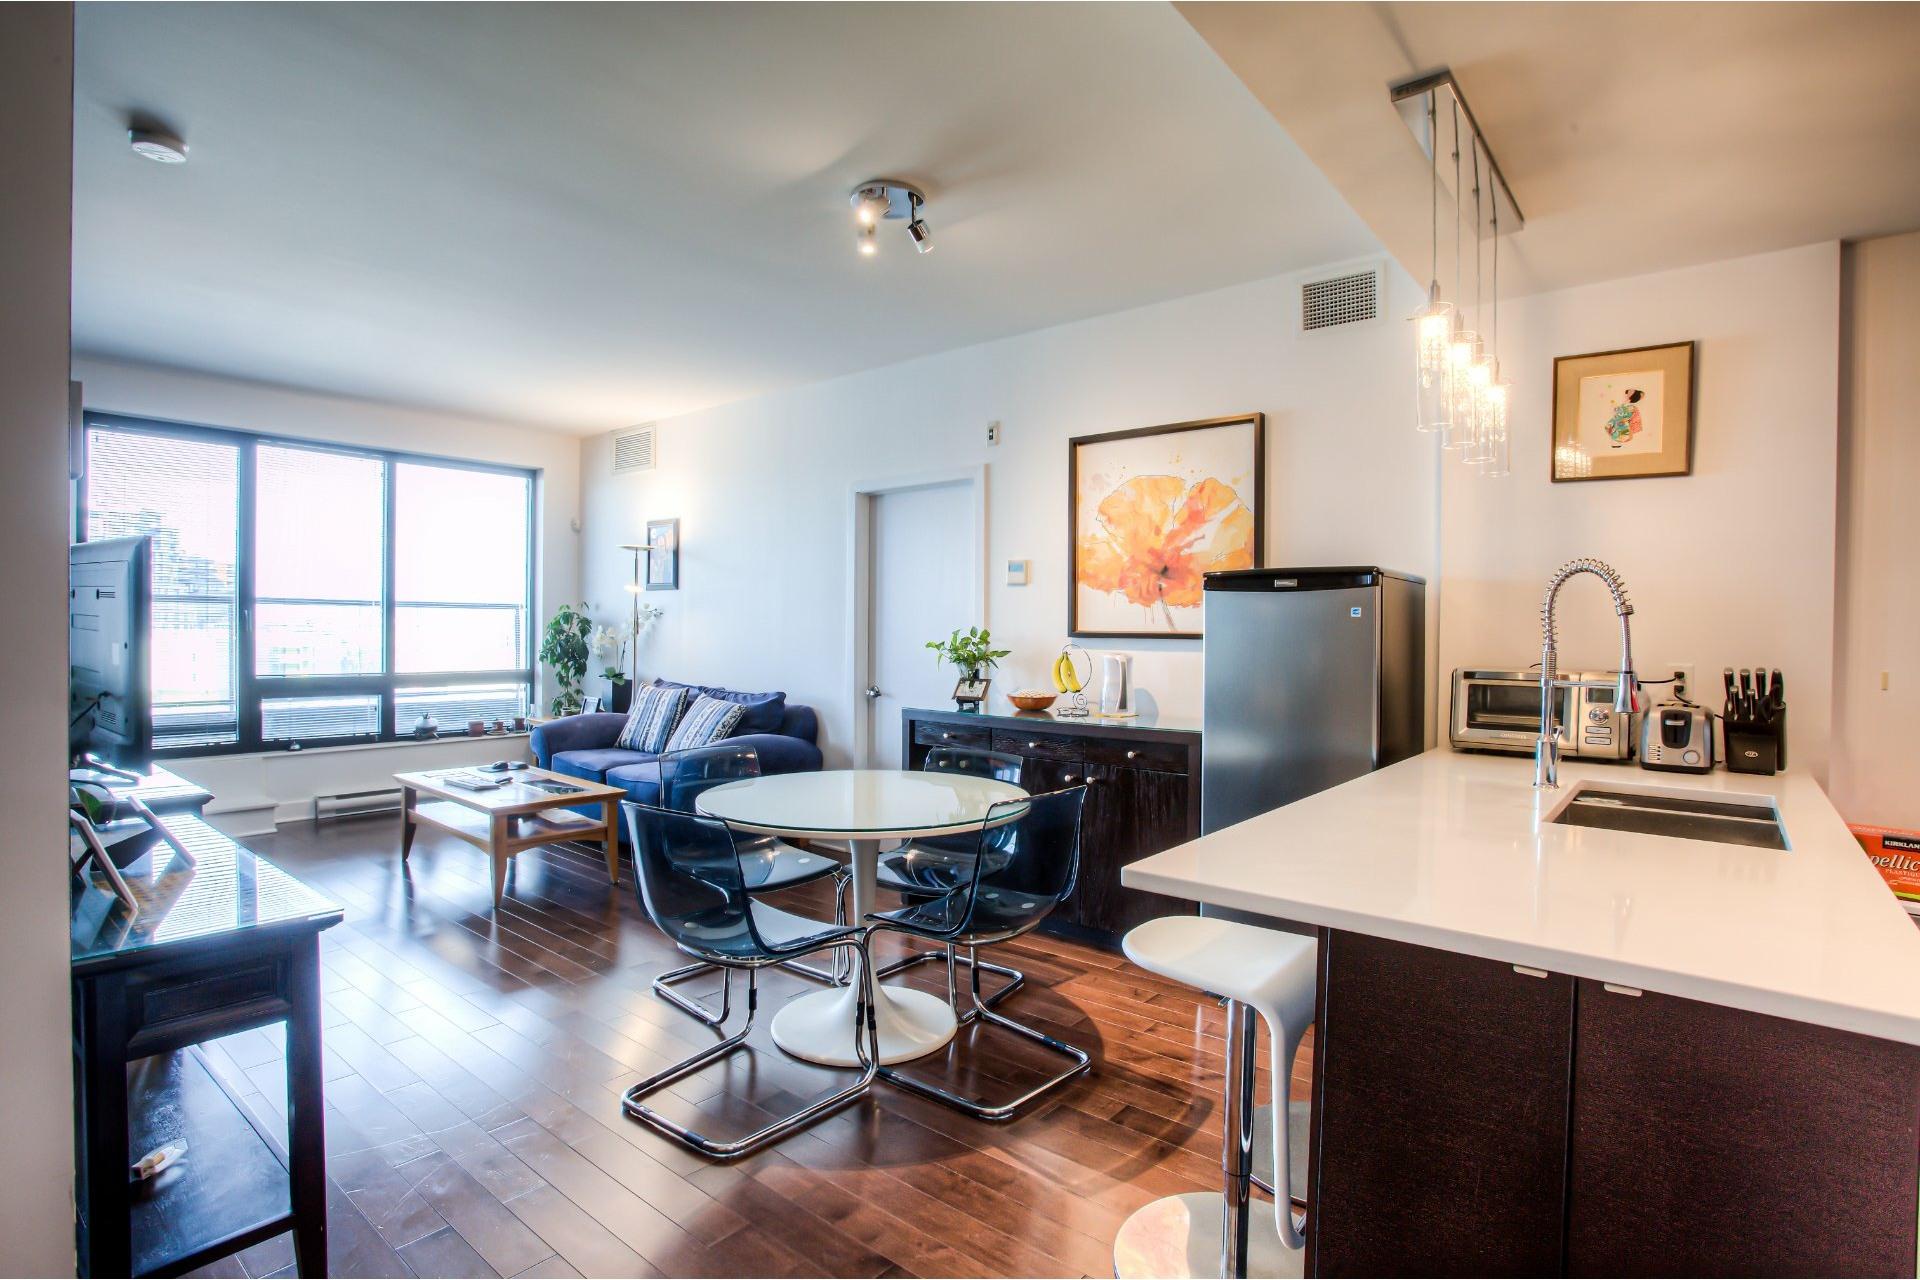 image 7 - Apartment For rent Côte-des-Neiges/Notre-Dame-de-Grâce Montréal  - 5 rooms